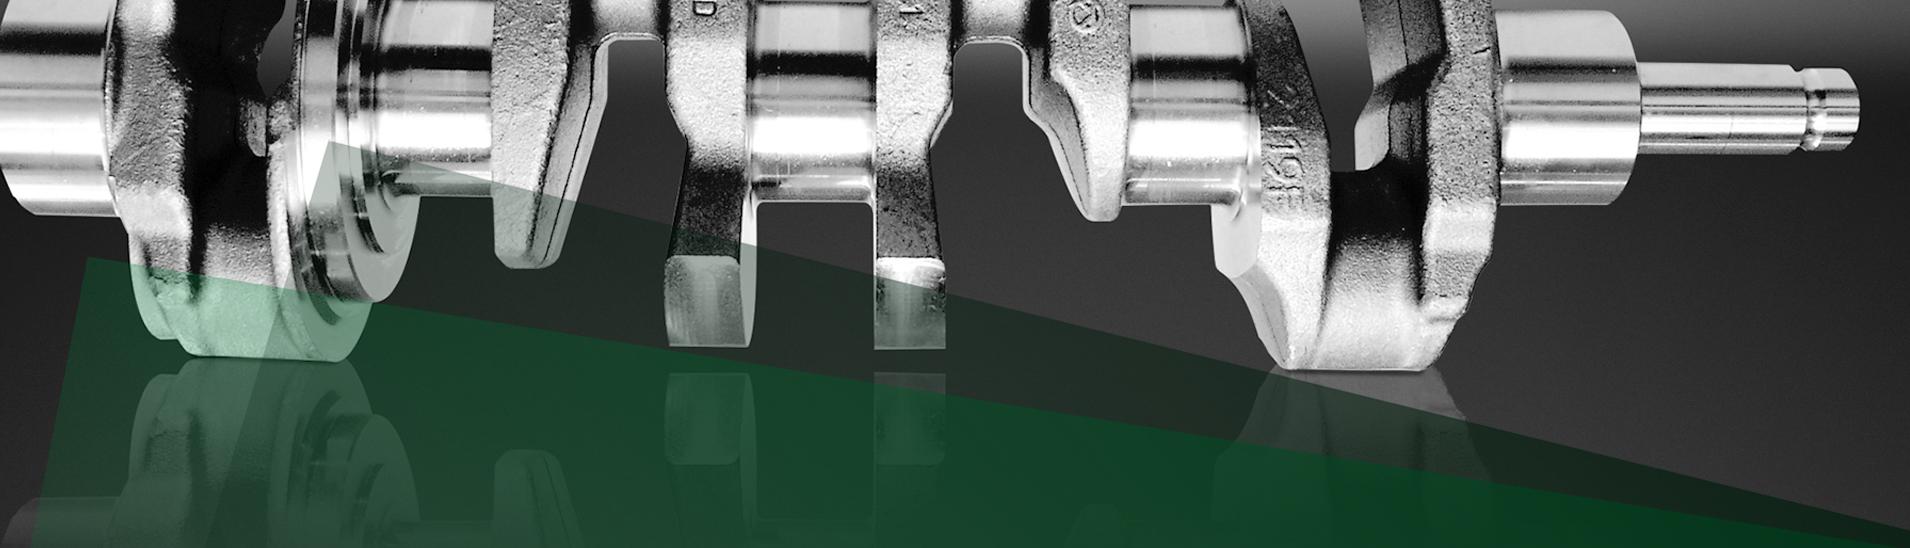 Langdsvarvar for hog precision och komplexa detlajer